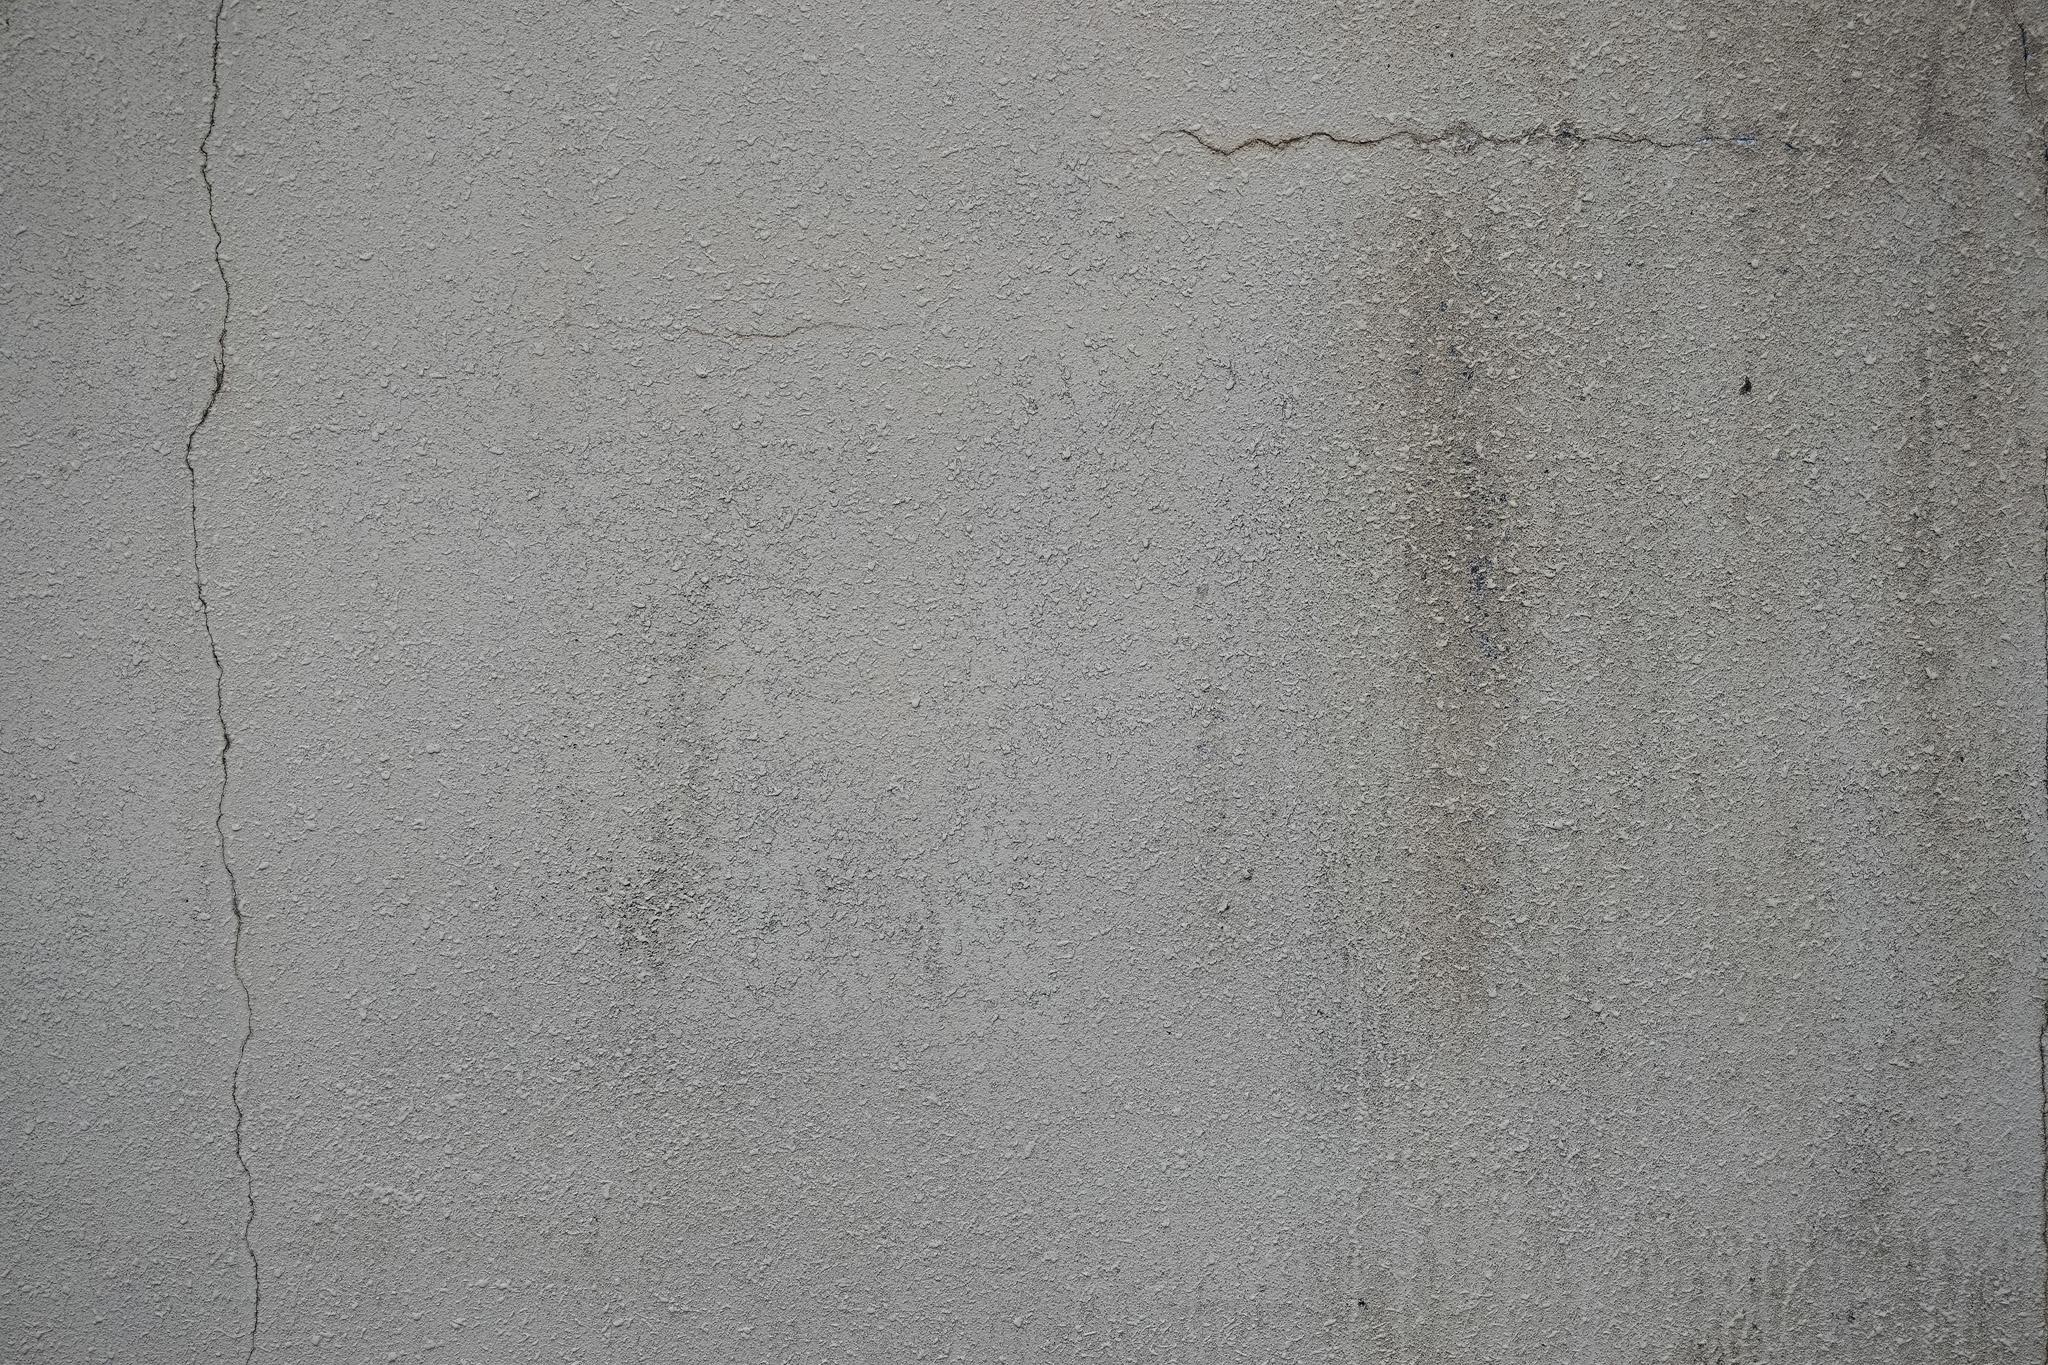 「ひび割れた壁のテクスチャ」